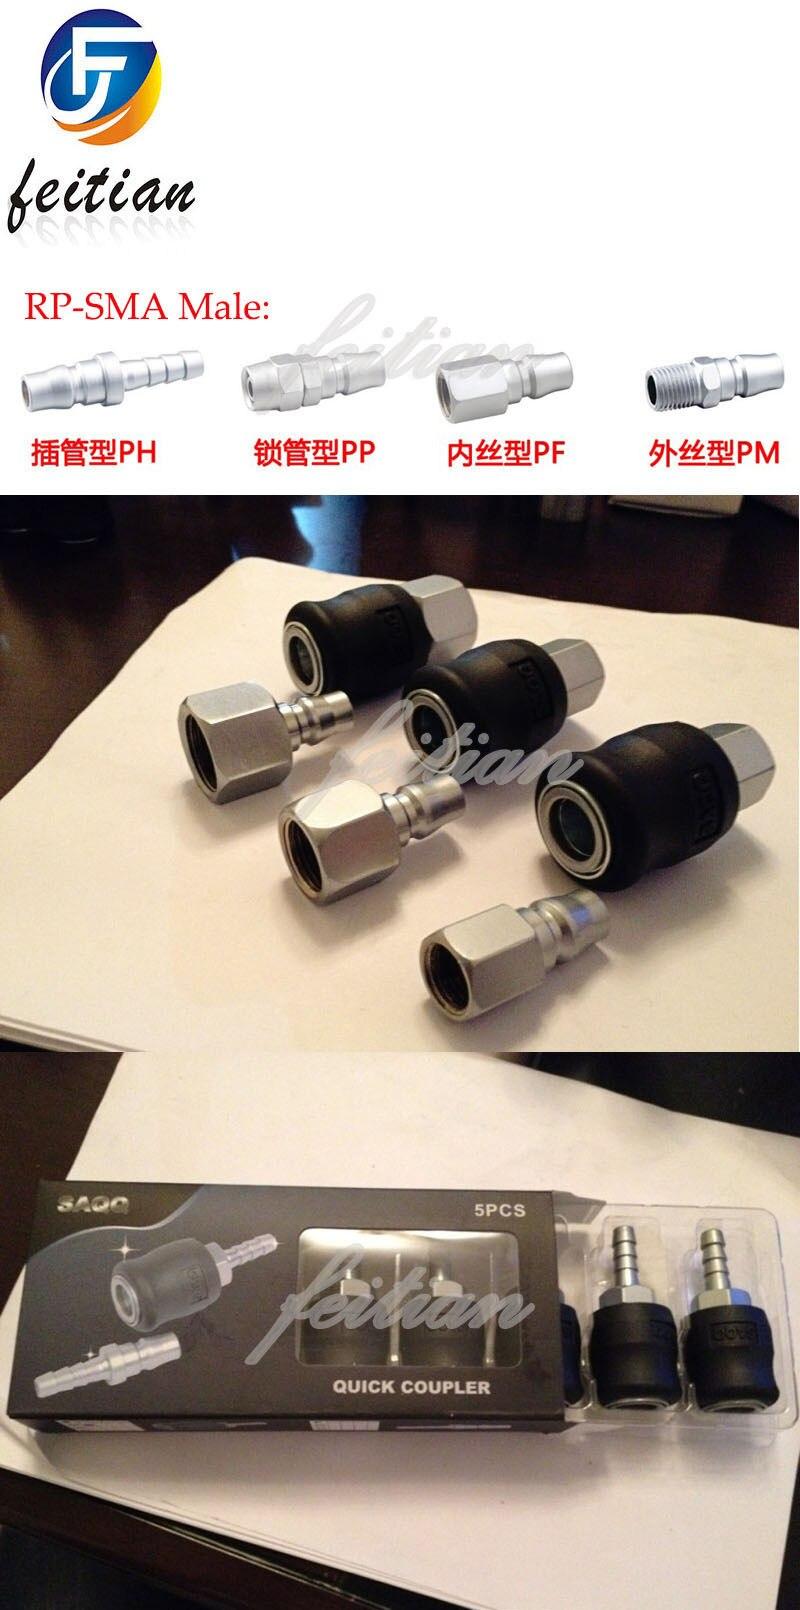 Высокое качество 1 шт. 12 мм внутренняя резьба нейлон материал пневматический соединитель для шланга быстрая муфта разъем Набор